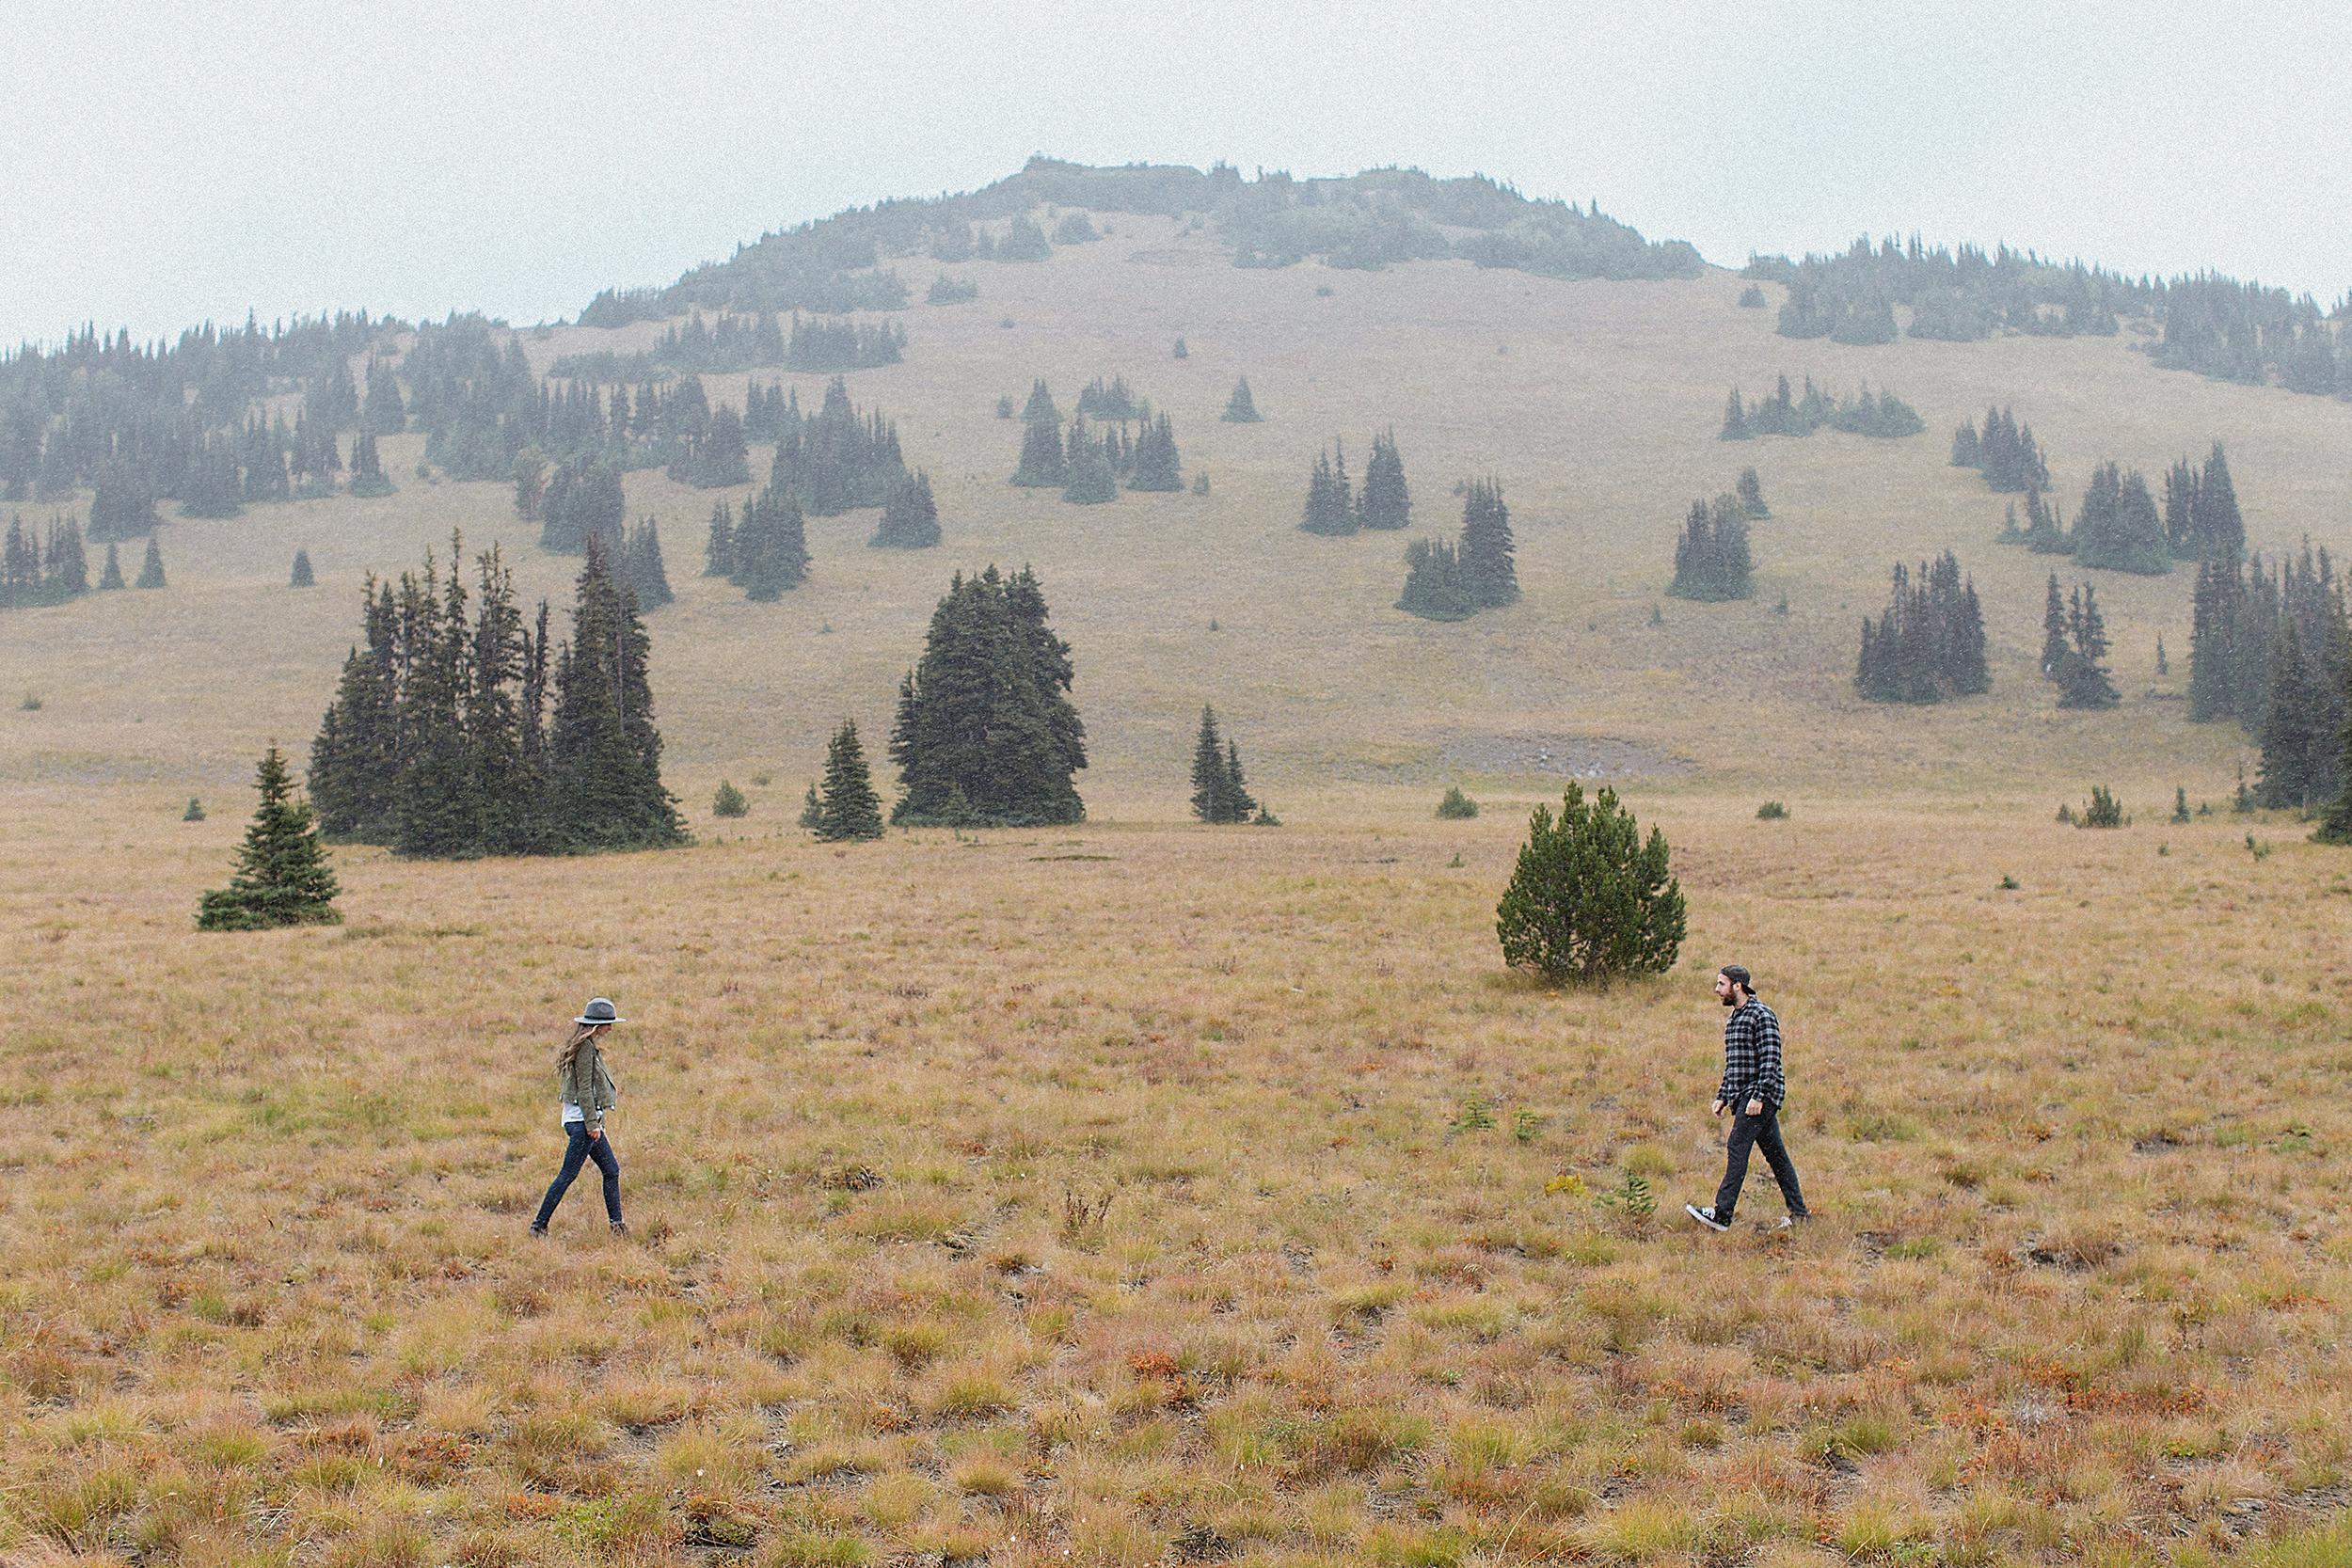 Mt. Rainier Engagement Photo Session